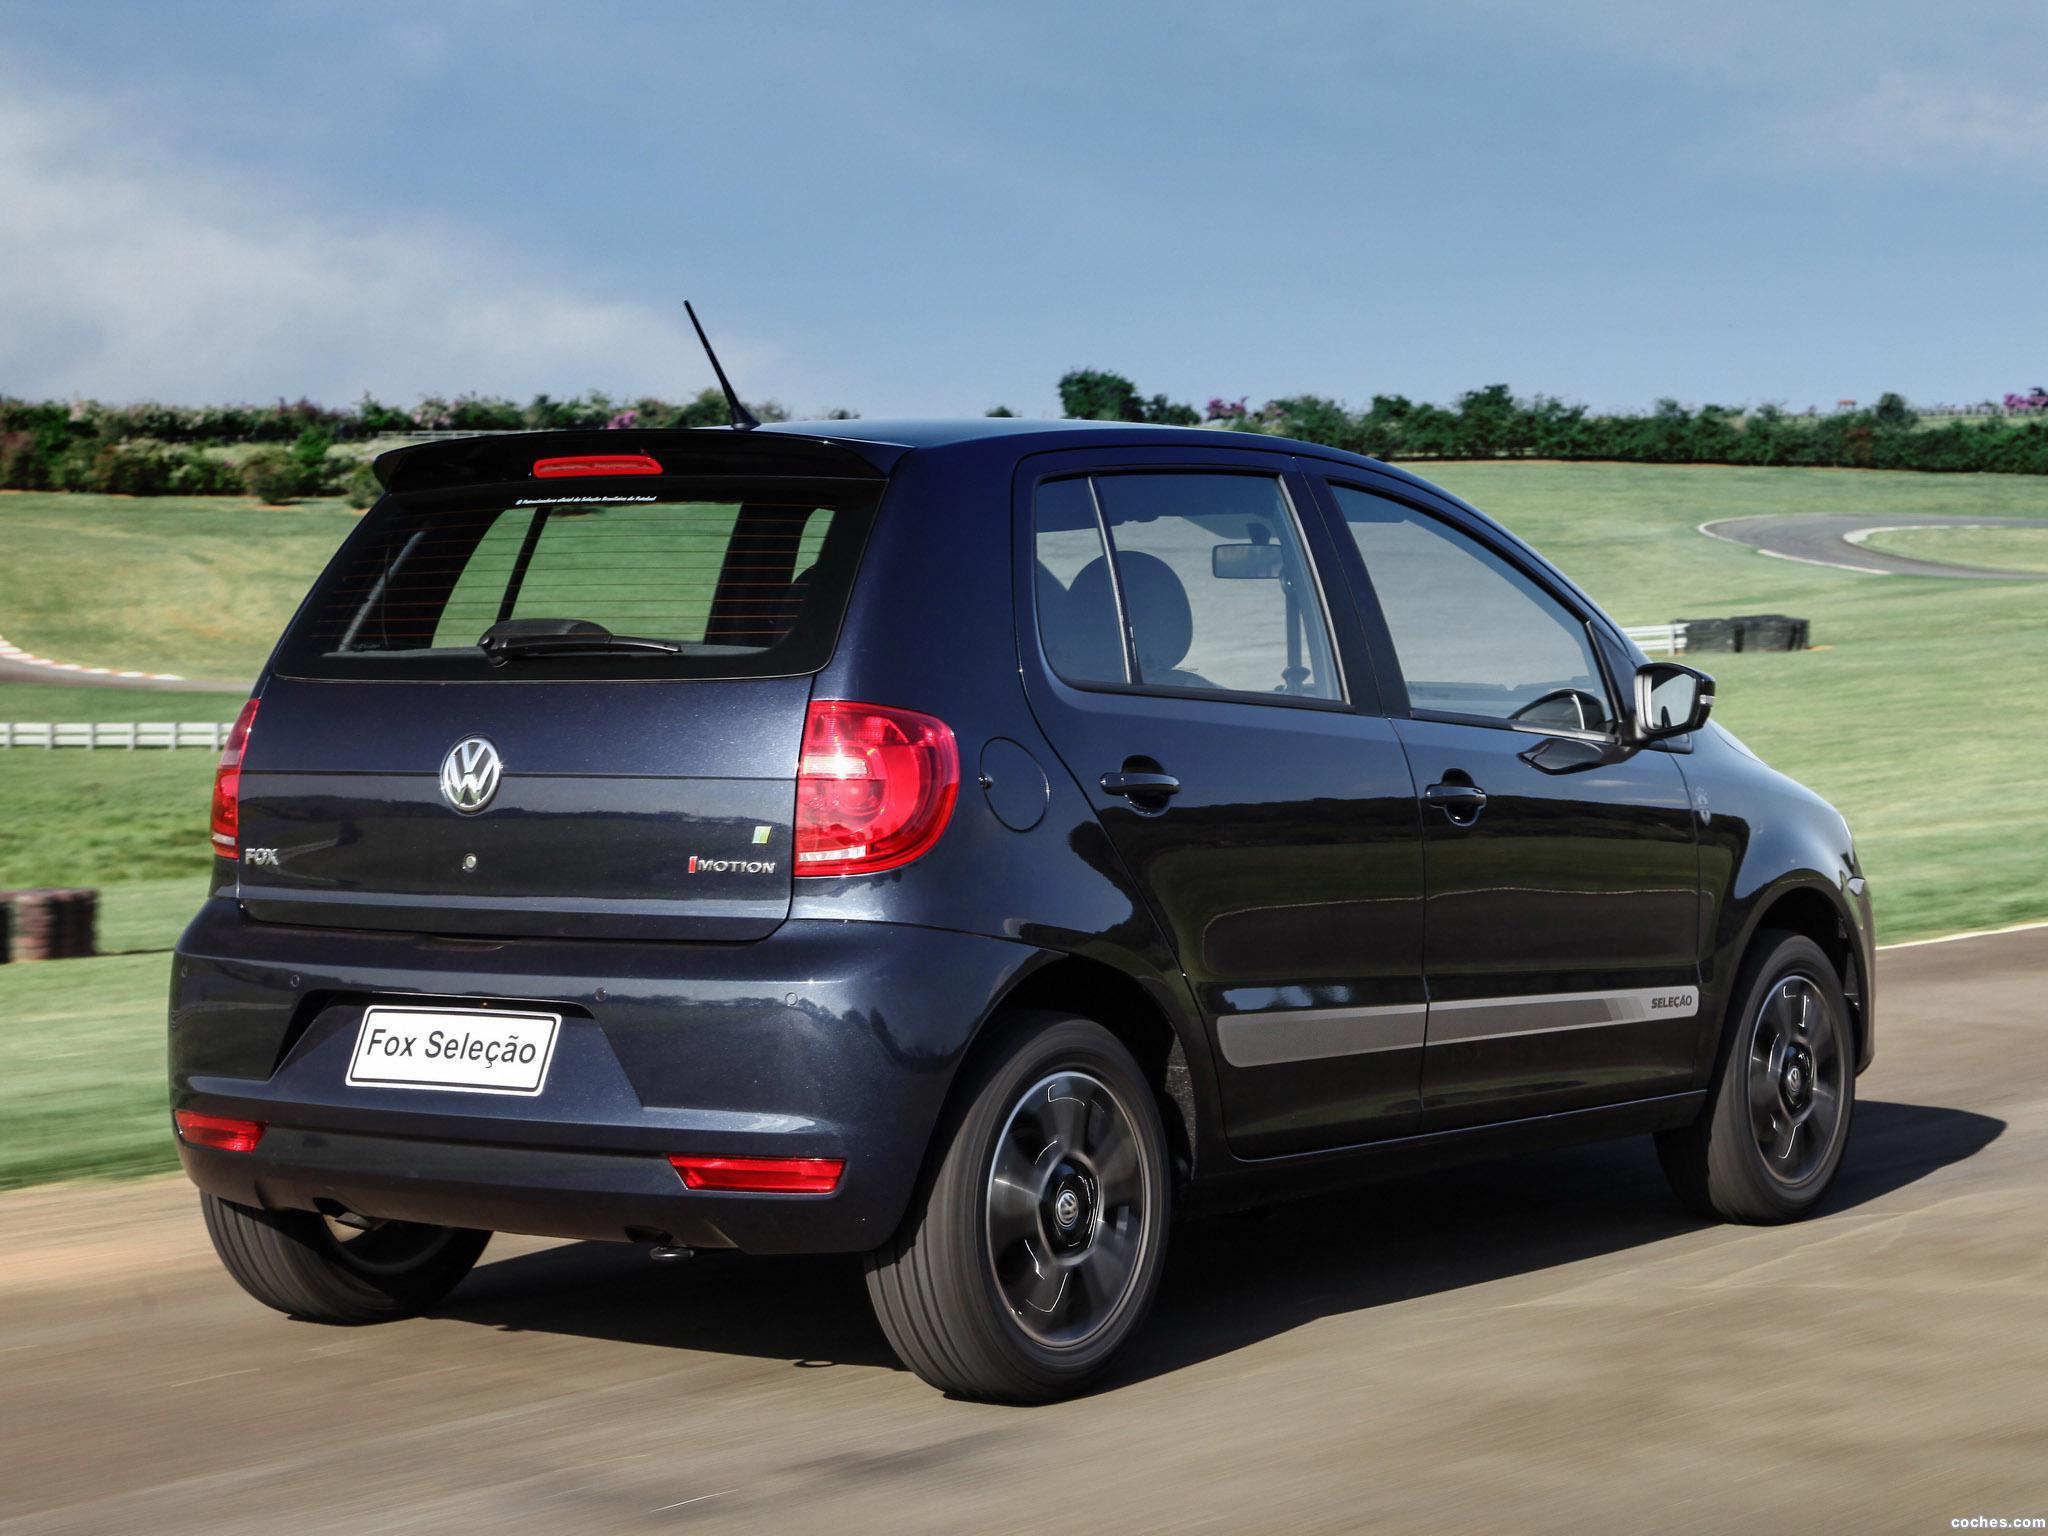 Foto 1 de Volkswagen Fox Selecao 2013